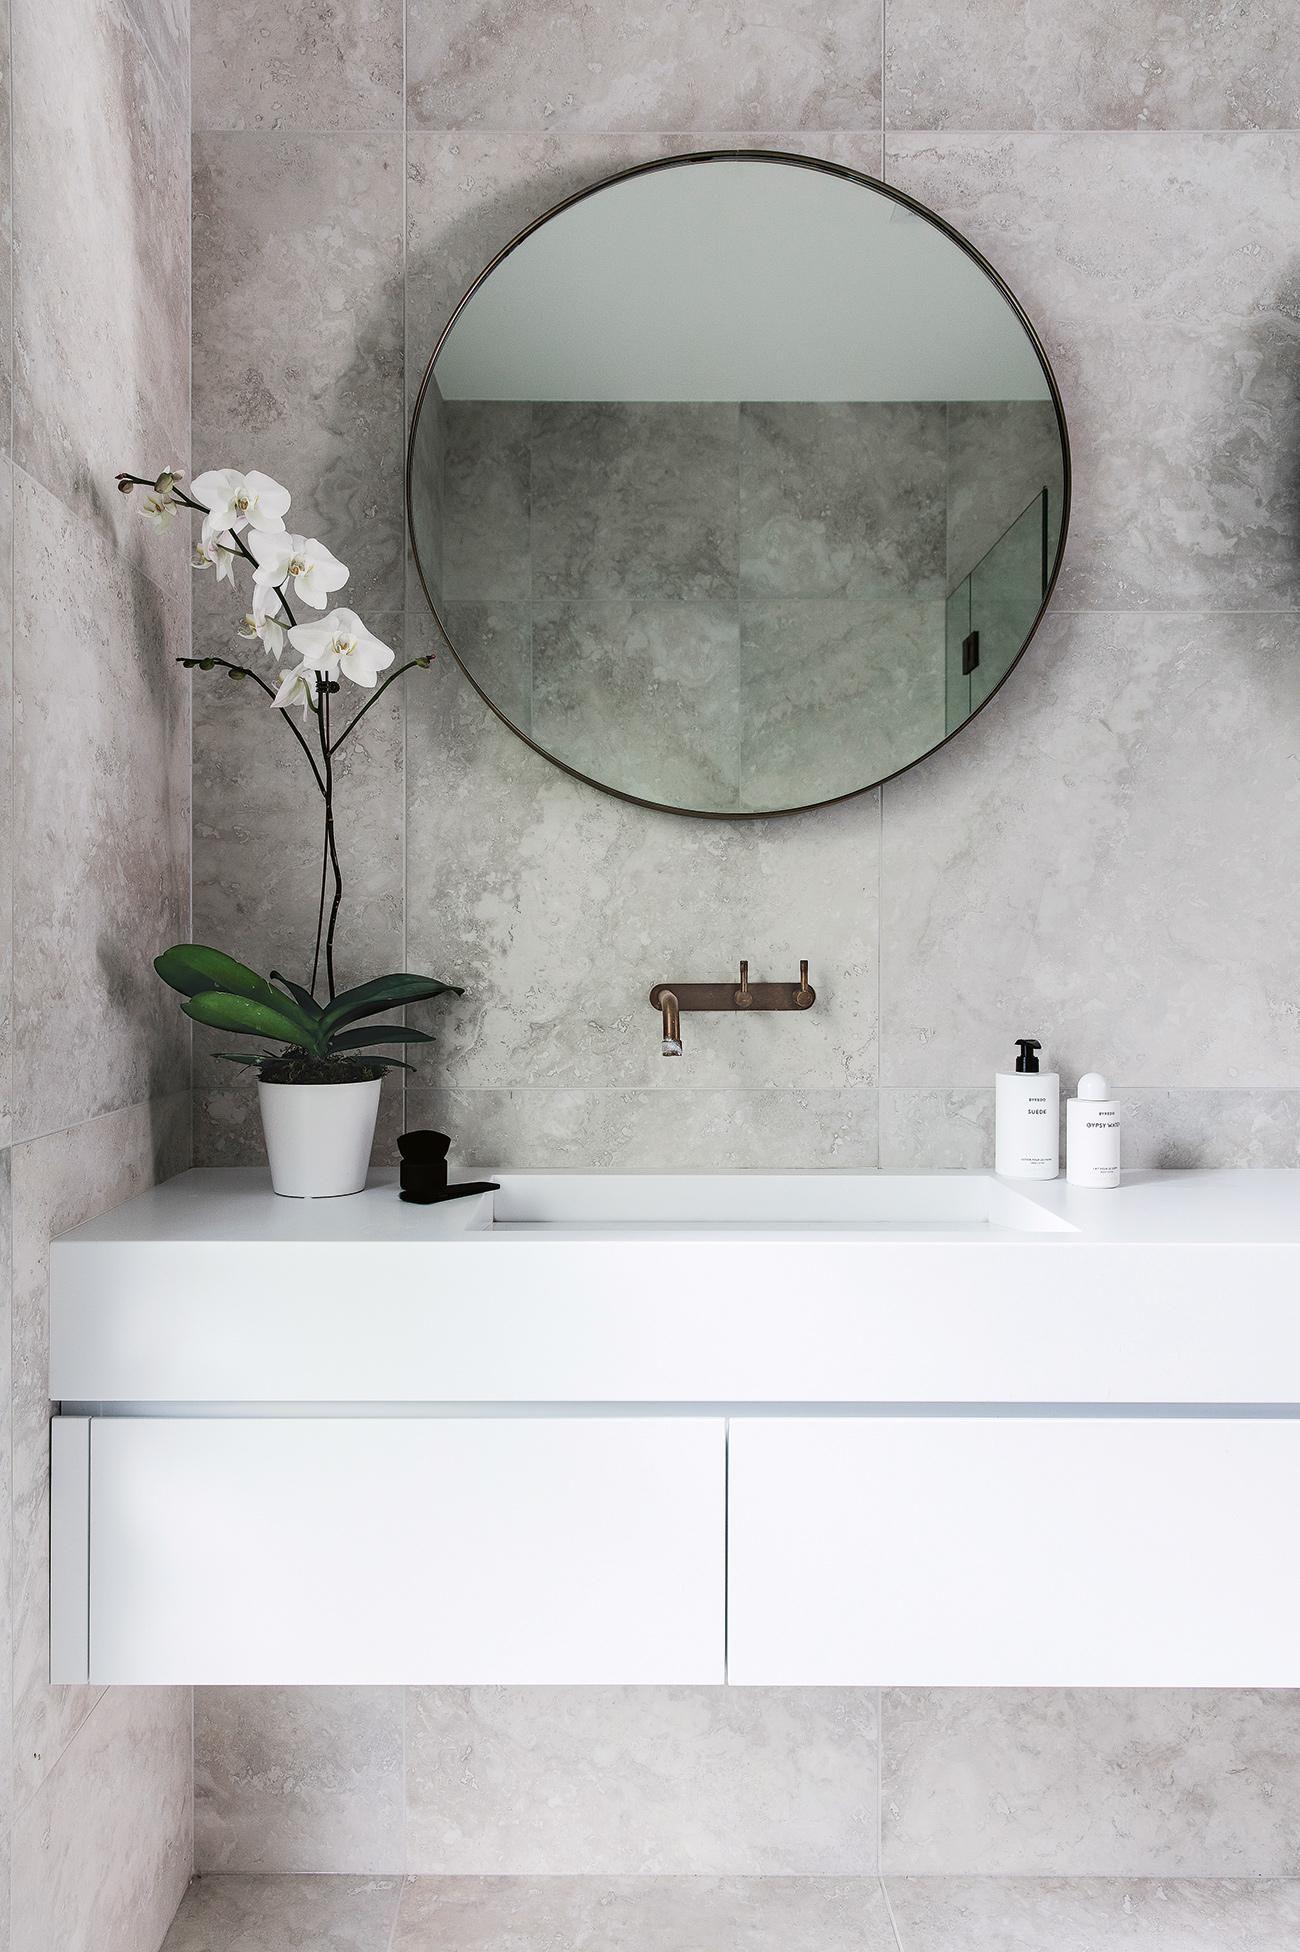 Rhinov Salle De Bain ~  pingl par rhinov sur style minimaliste pinterest salle de